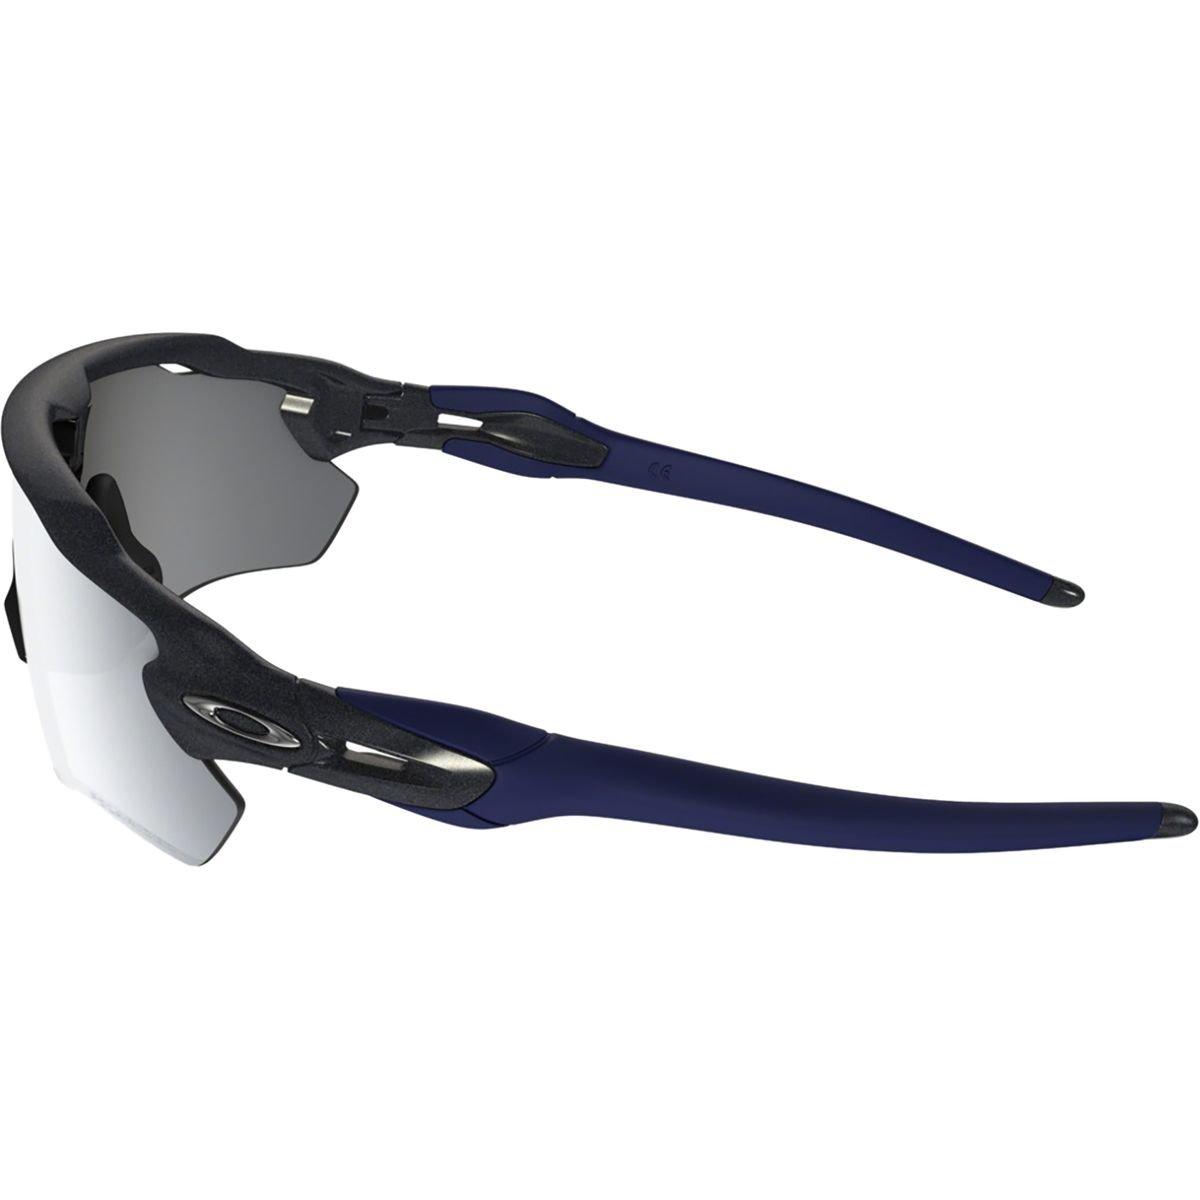 Gafas de sol polarizadas Oakley Radar Ev Path OO9208 C38 920810: Amazon.es: Ropa y accesorios